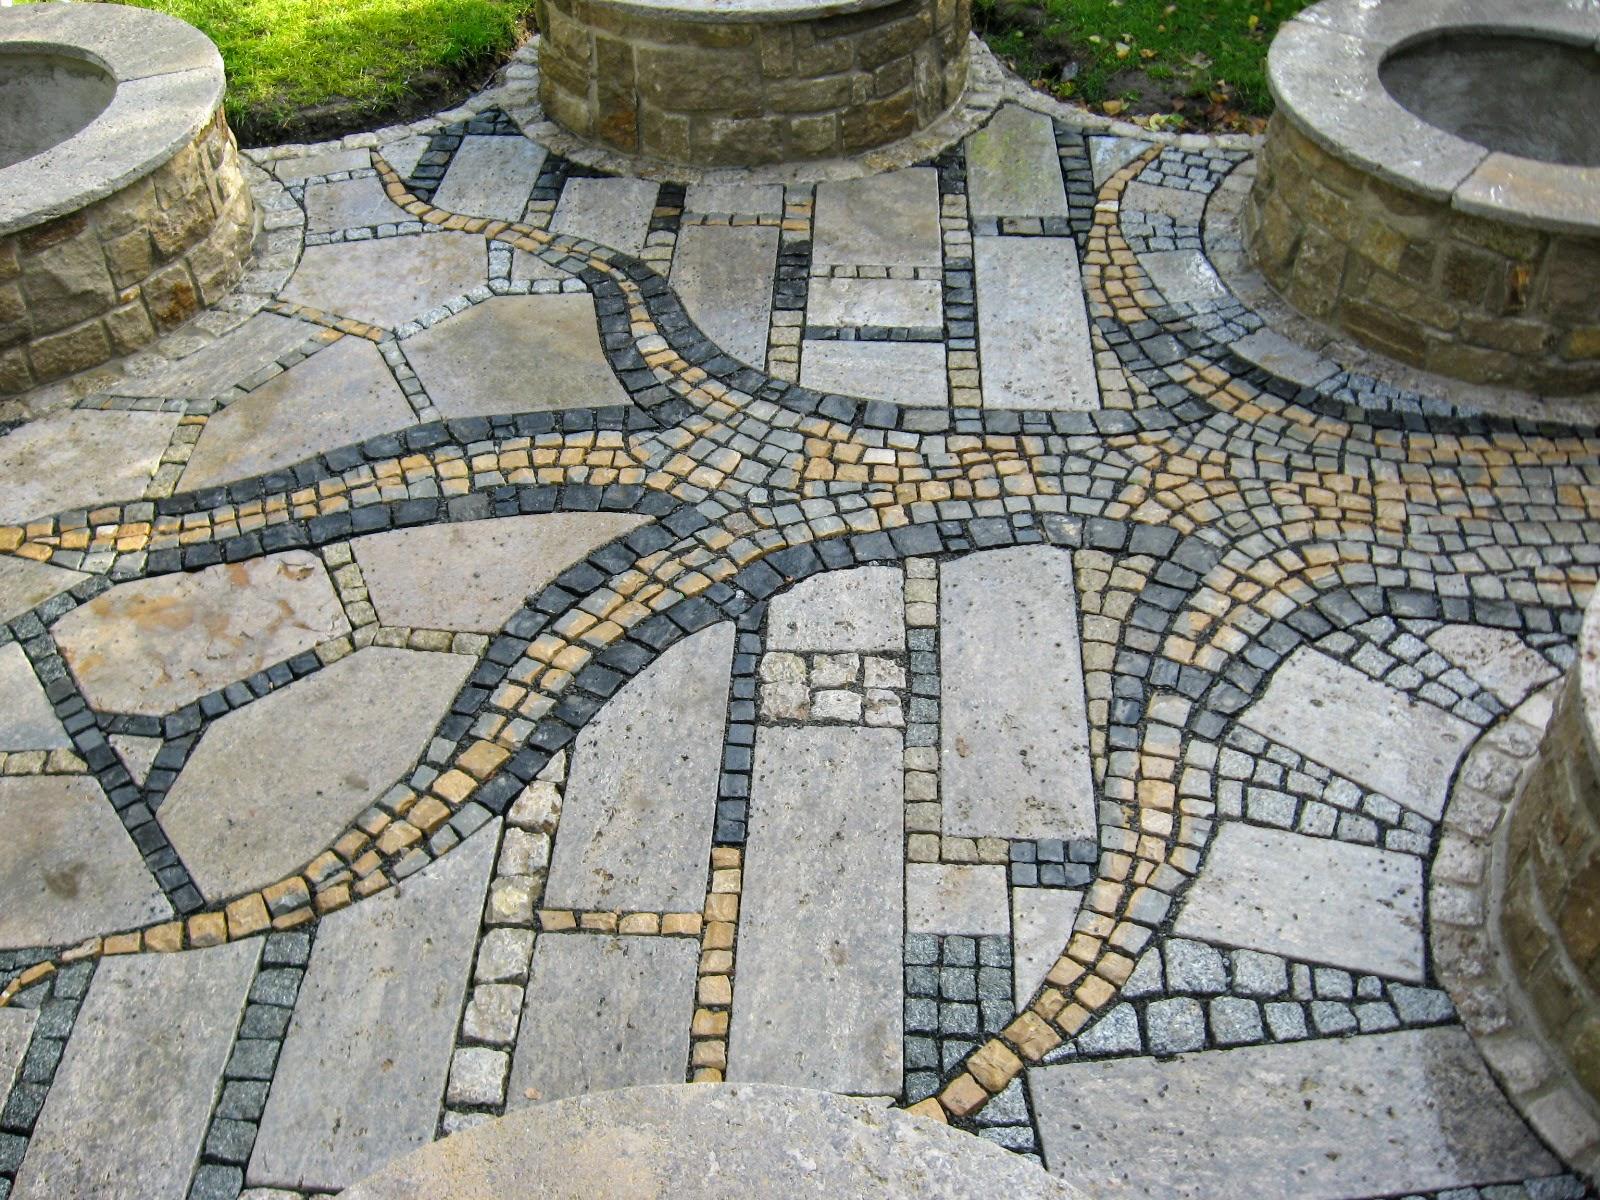 Terrasse, Mosaik/Platten-Kombinationen